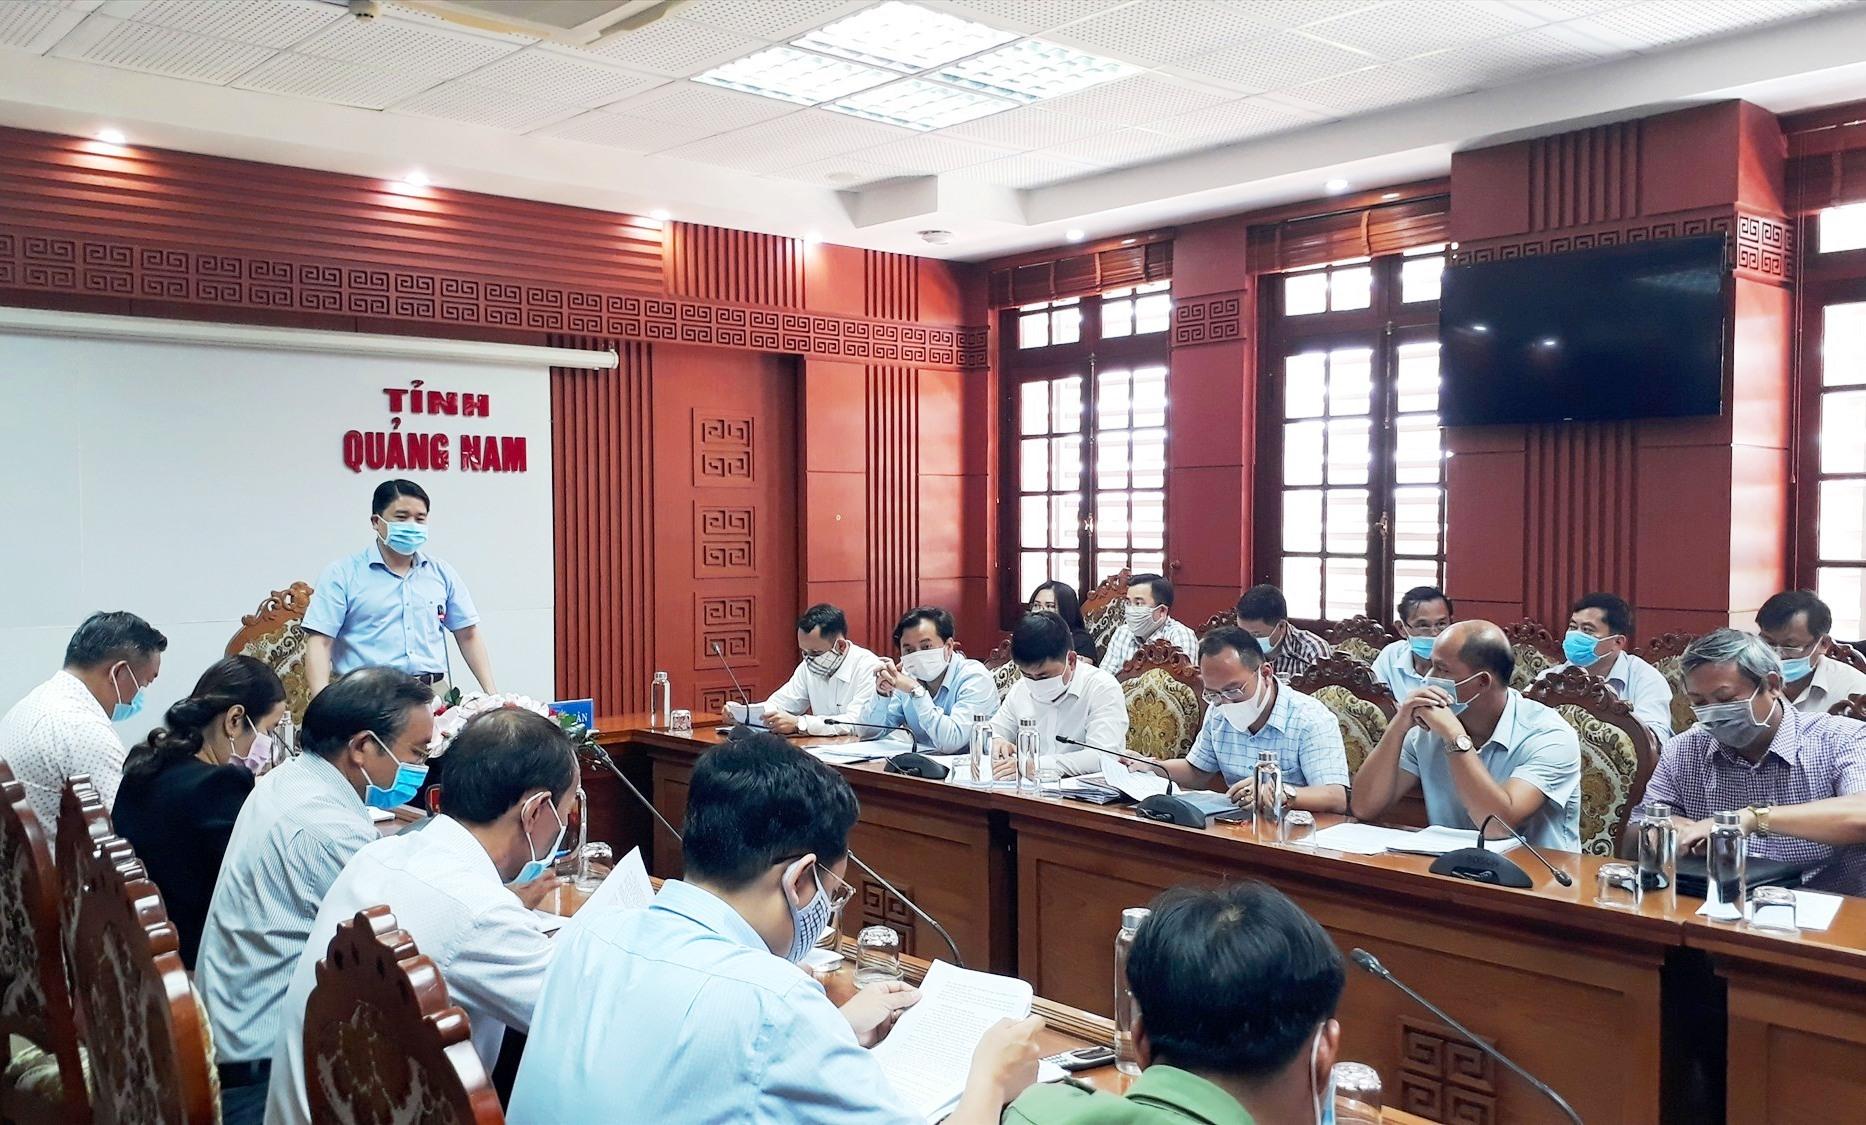 Phó Chủ tịch UBND tỉnh Trần Văn Tân đề nghị các sở, ngành và địa phương tập trung chuẩn bị để tổ chức hội thi và lễ hội thành công. Ảnh: T.V